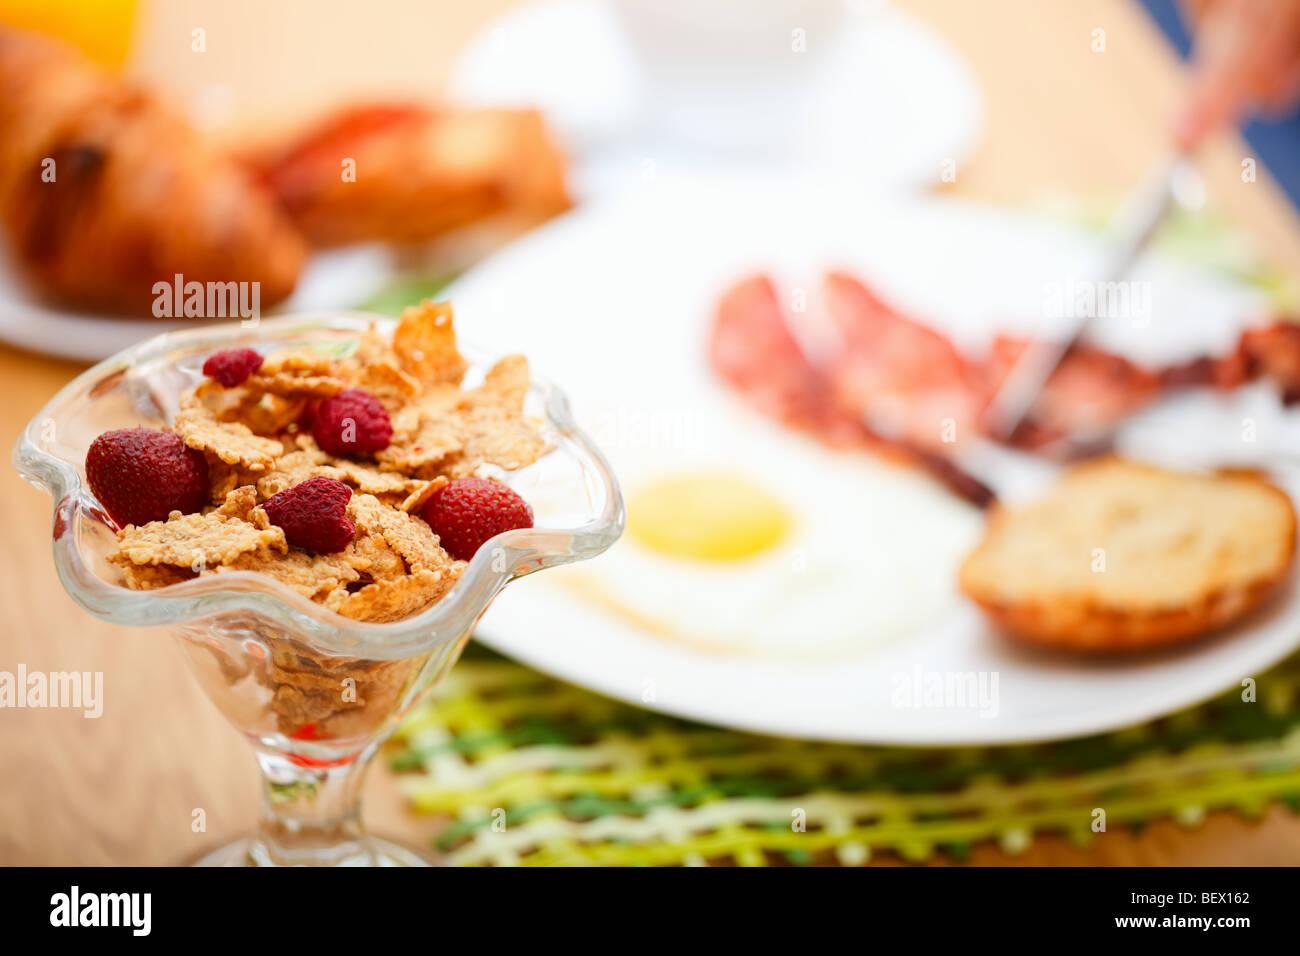 Delicioso desayuno servido. Las hojuelas de maíz con bayas, huevo frito, bacon, tostadas, croissants, zumo Imagen De Stock